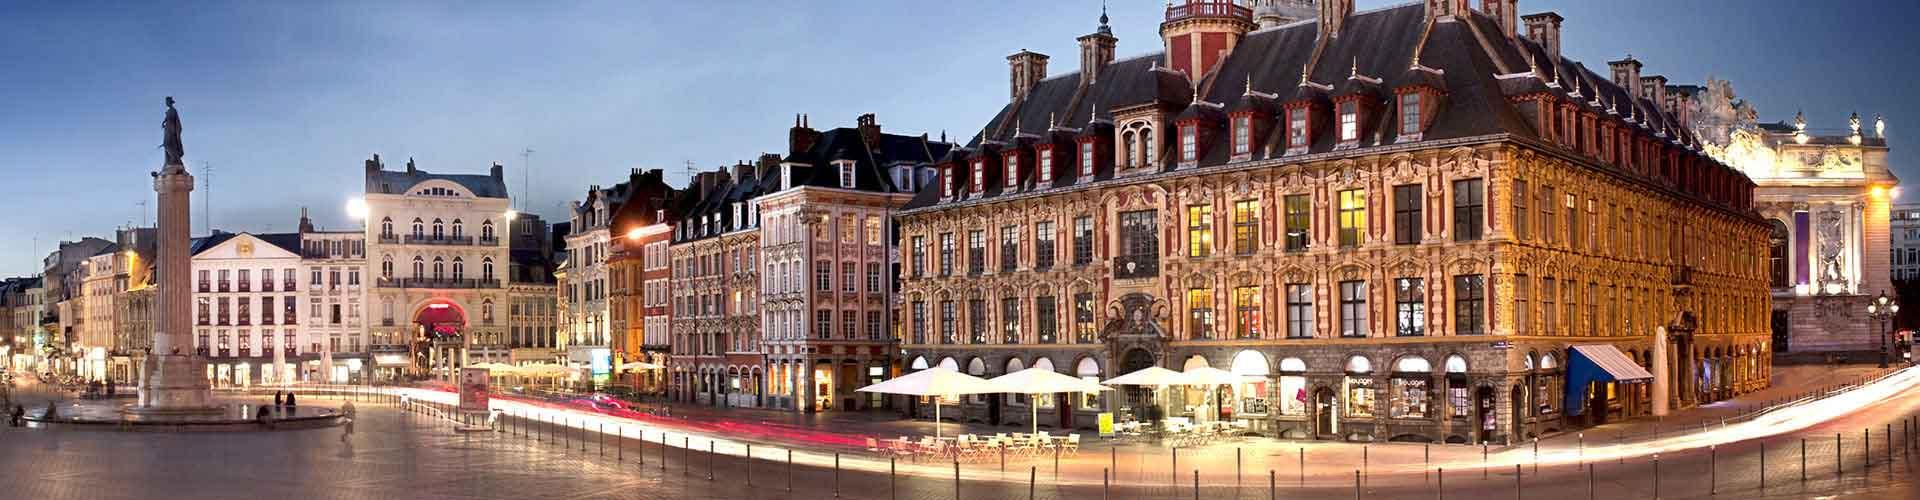 Lille - Auberges de jeunesse près de Gare de Lille-Flandres. Cartes pour Lille, photos et commentaires pour chaque auberge de jeunesse à Lille.